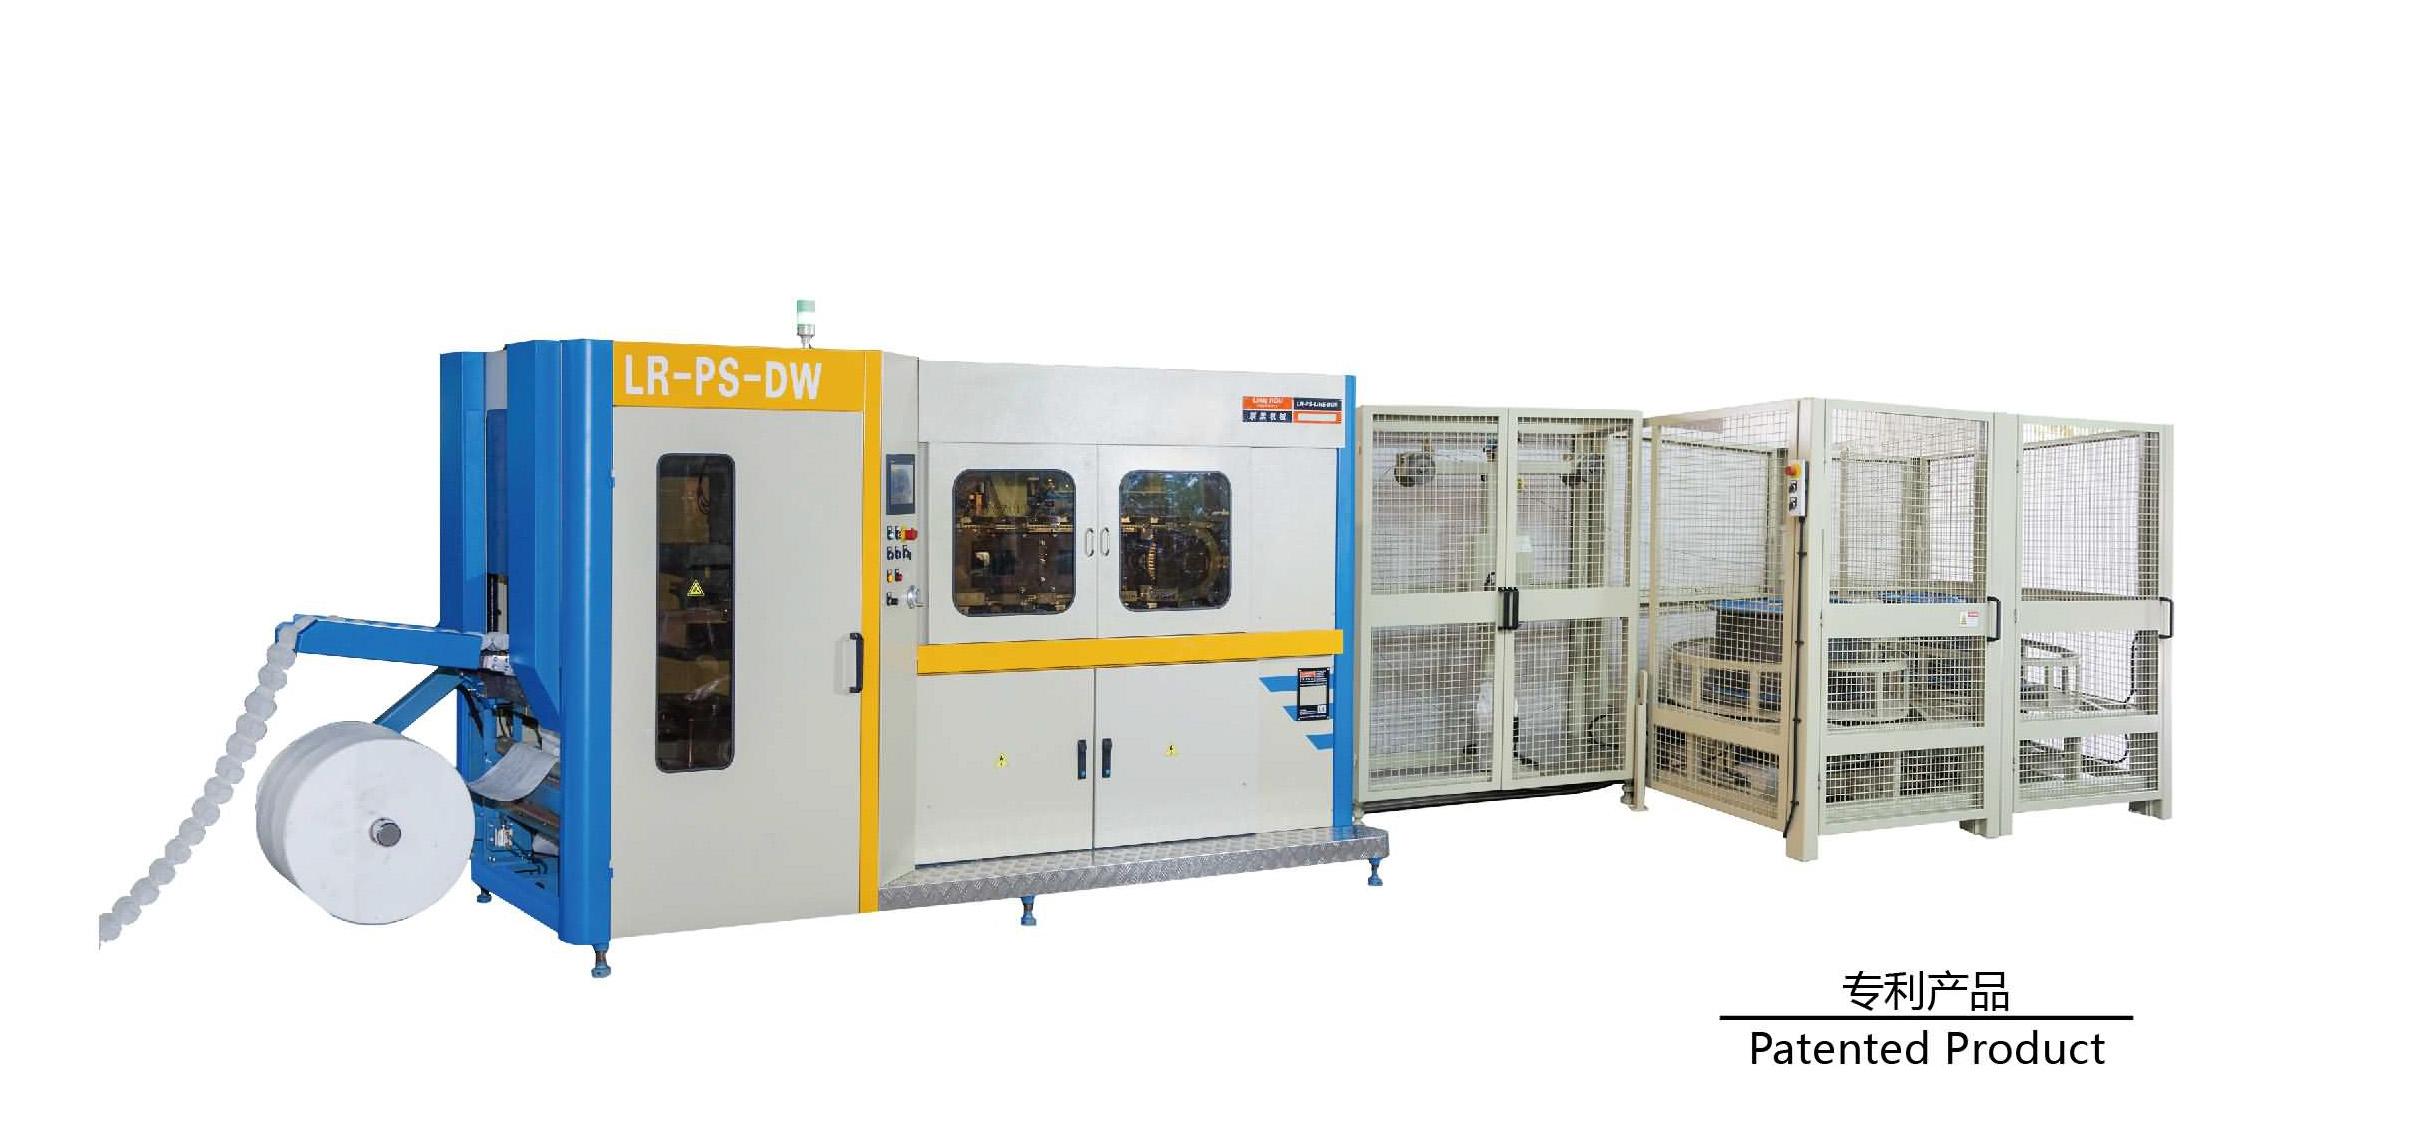 LR-PS-DW160